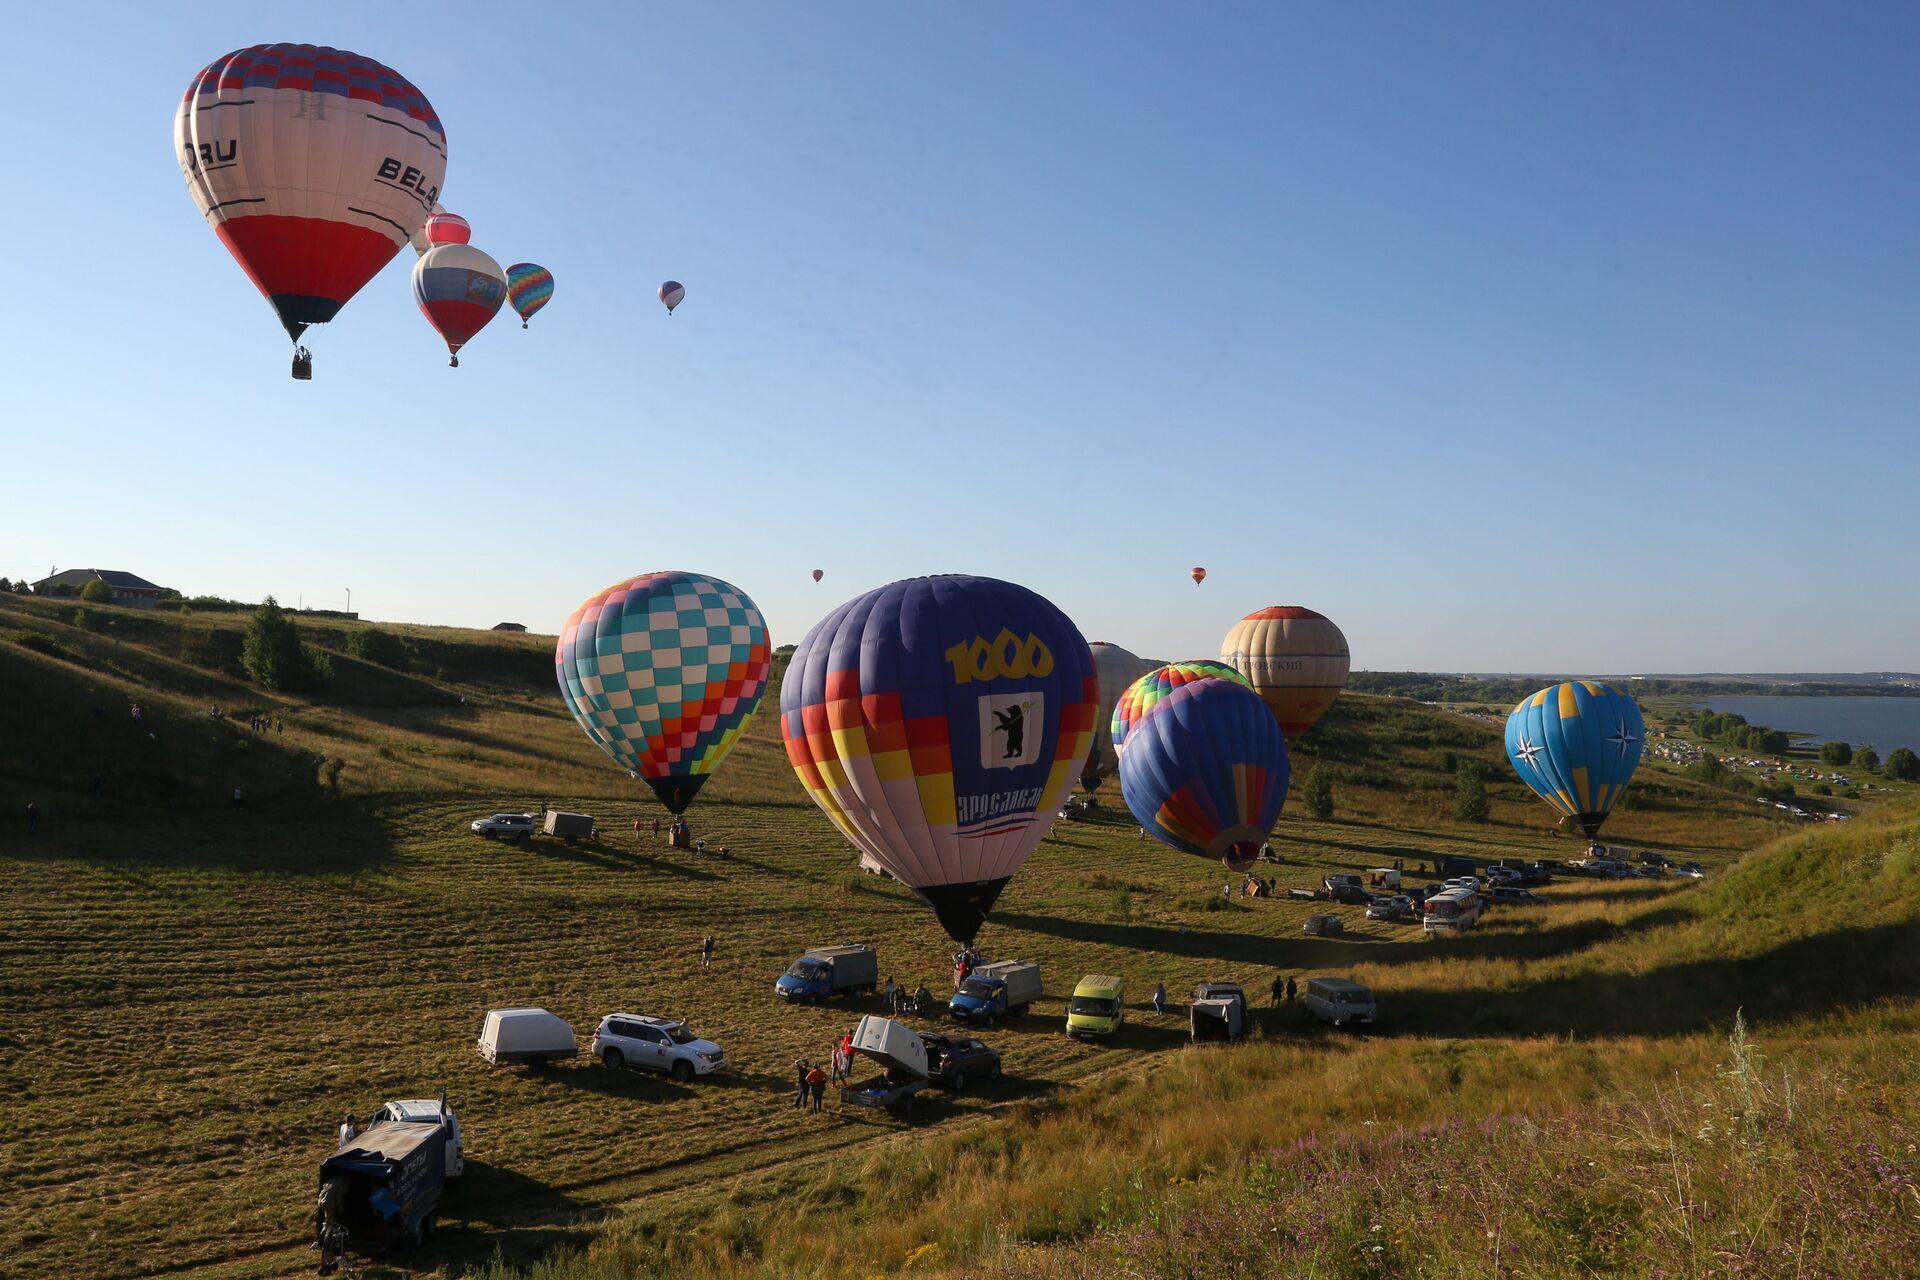 Воздухоплаватели готовятся к полетам на воздушных шарах на Фестивале воздухоплавания Золотое кольцо России в Переславле-Залесском - РИА Новости, 1920, 21.07.2021